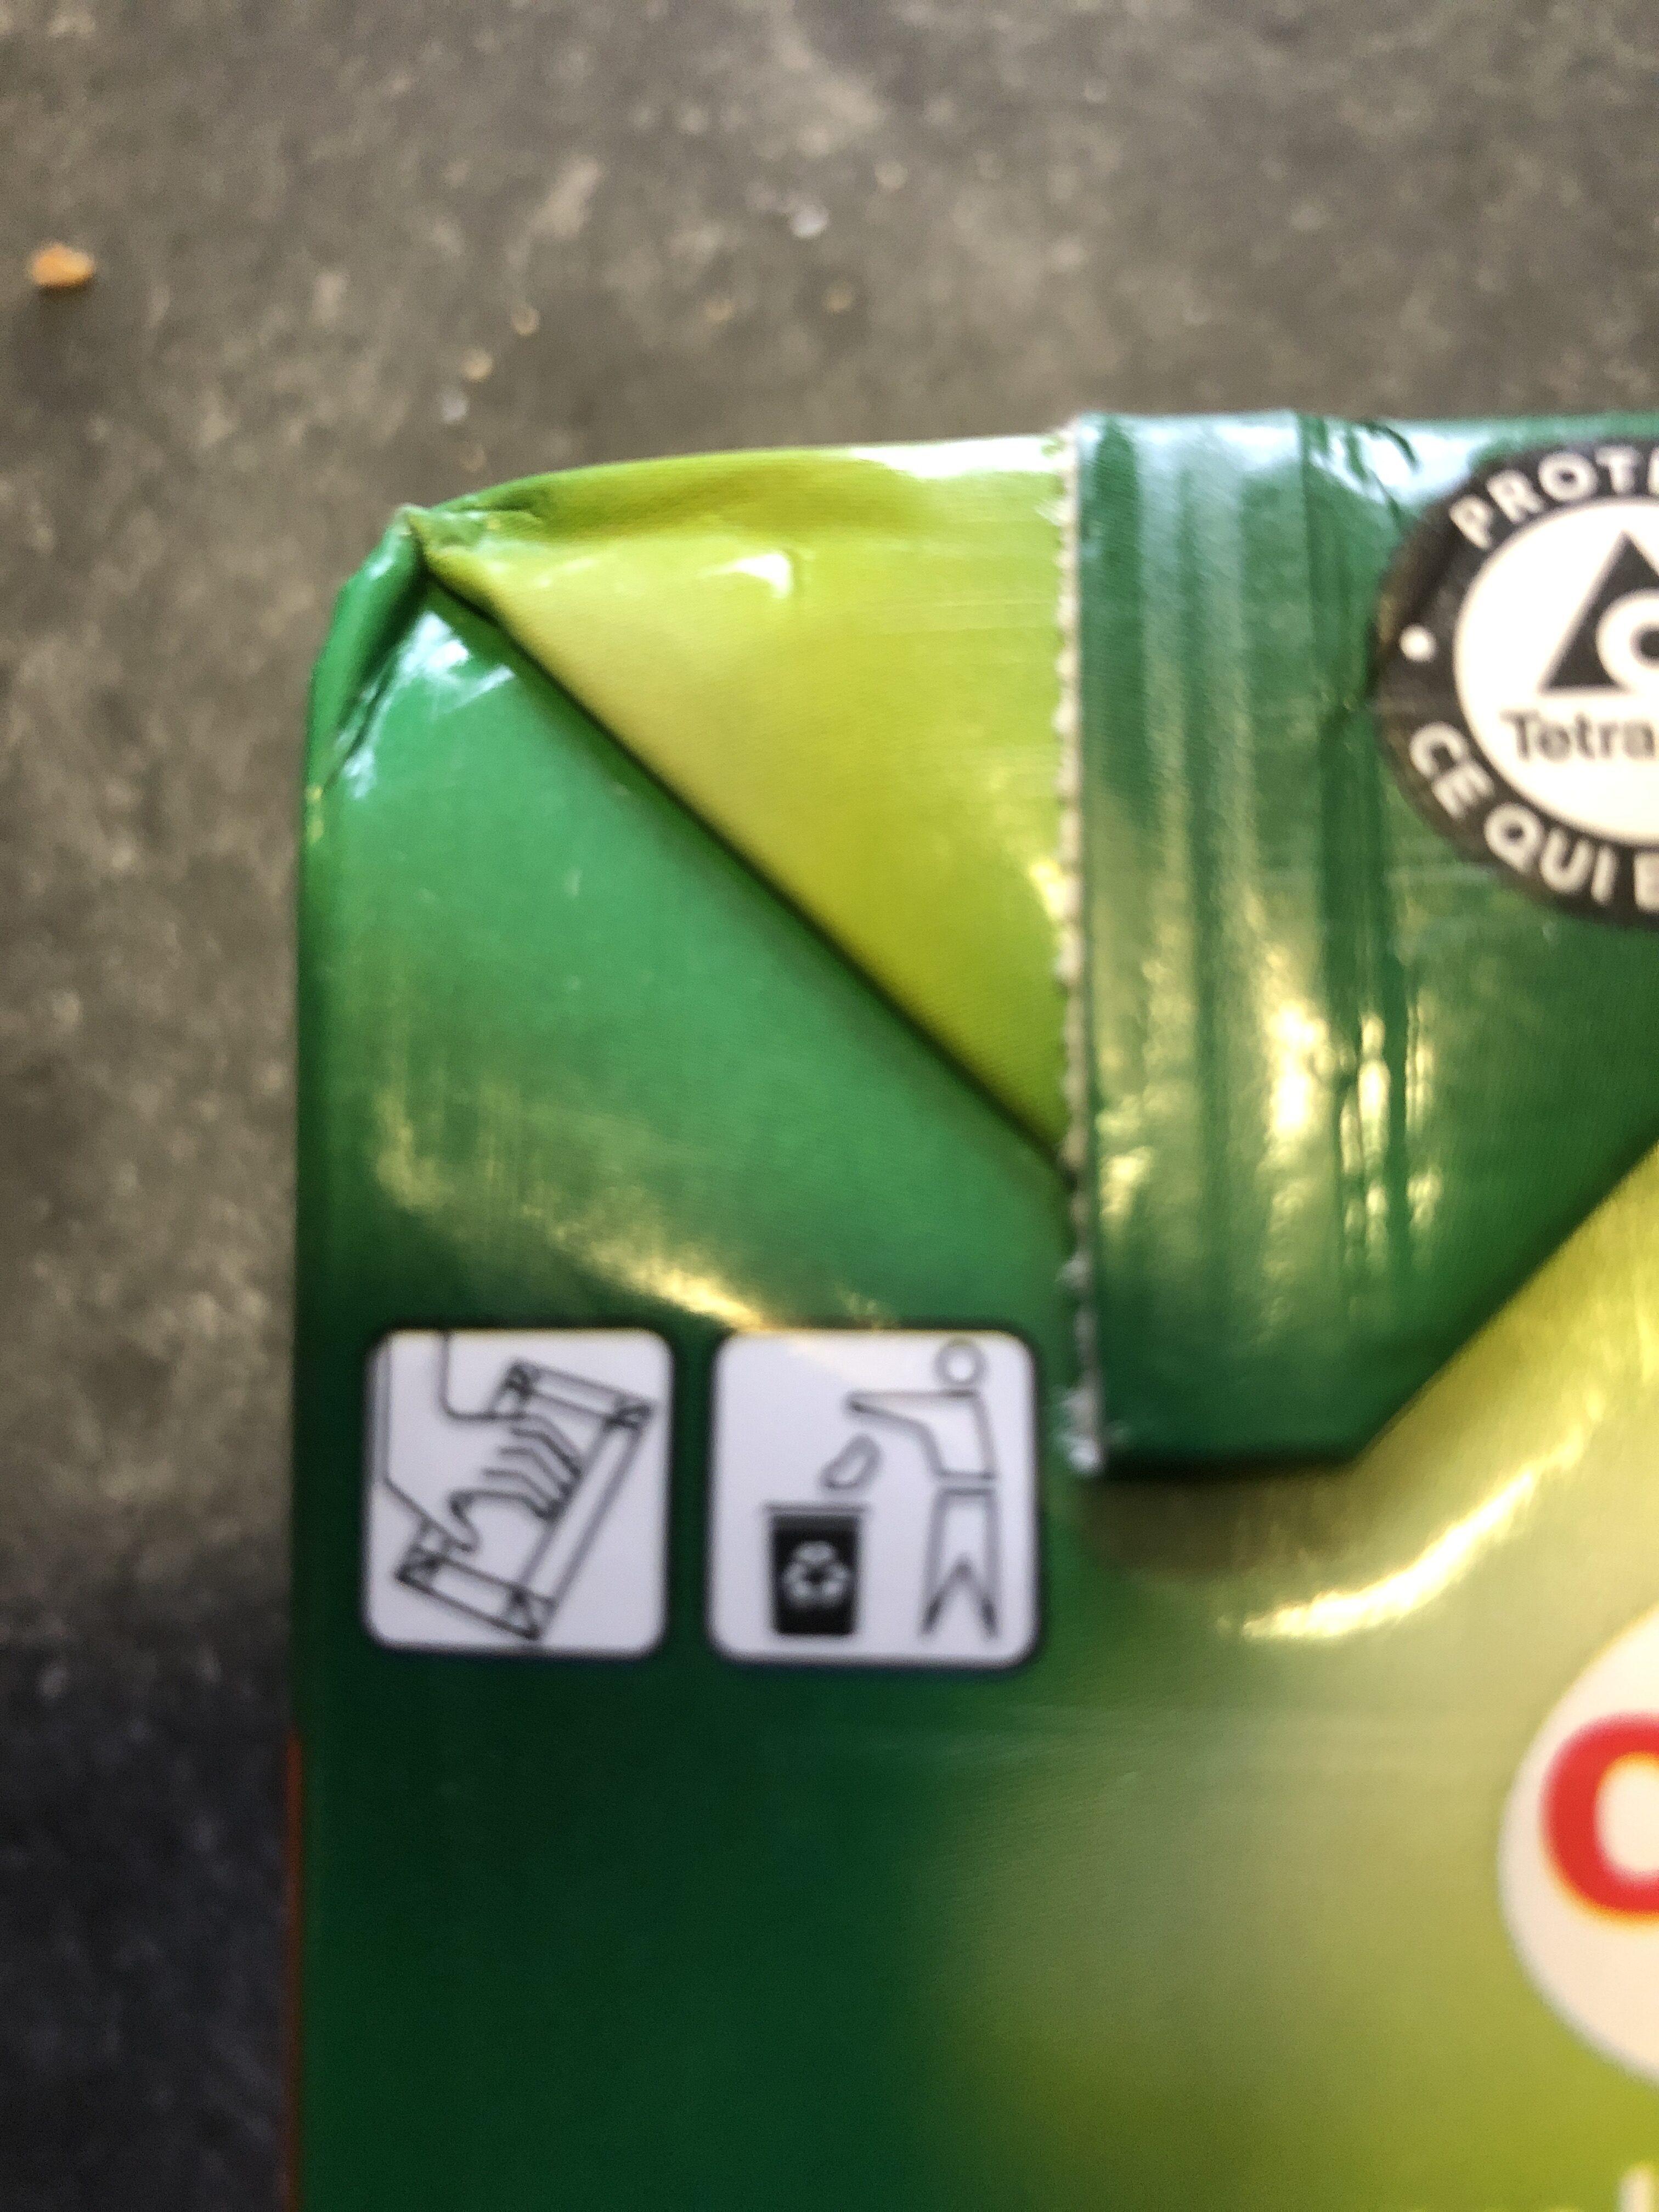 Velouté de Potiron - Instruction de recyclage et/ou informations d'emballage - fr